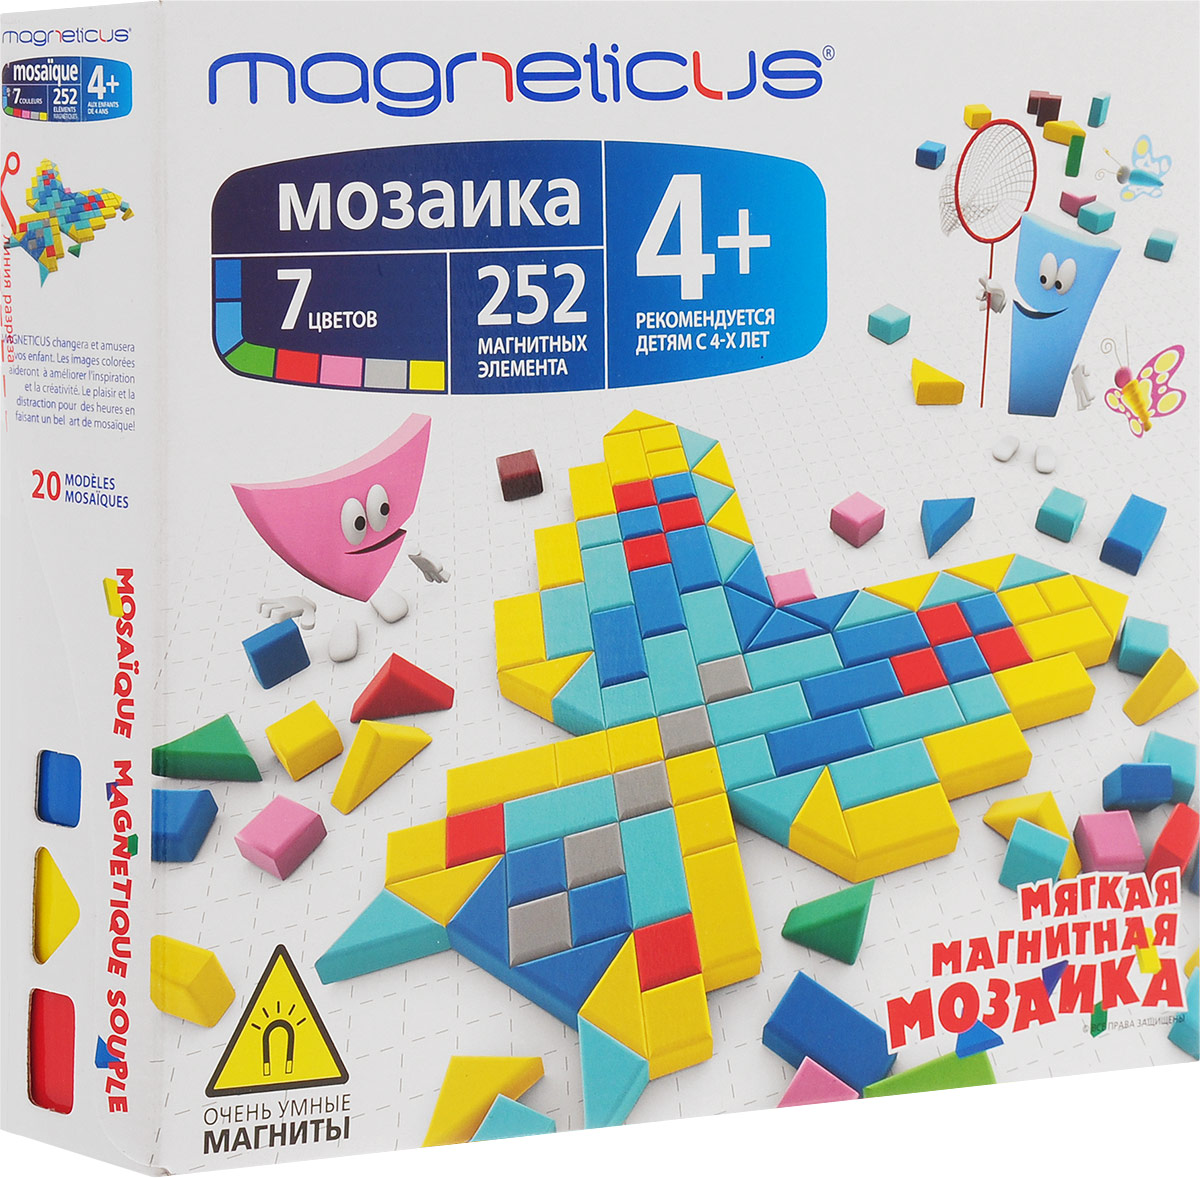 Magneticus Мозаика 20 этюдов мозаика 654 элемента 11 цветов 40 этюдов